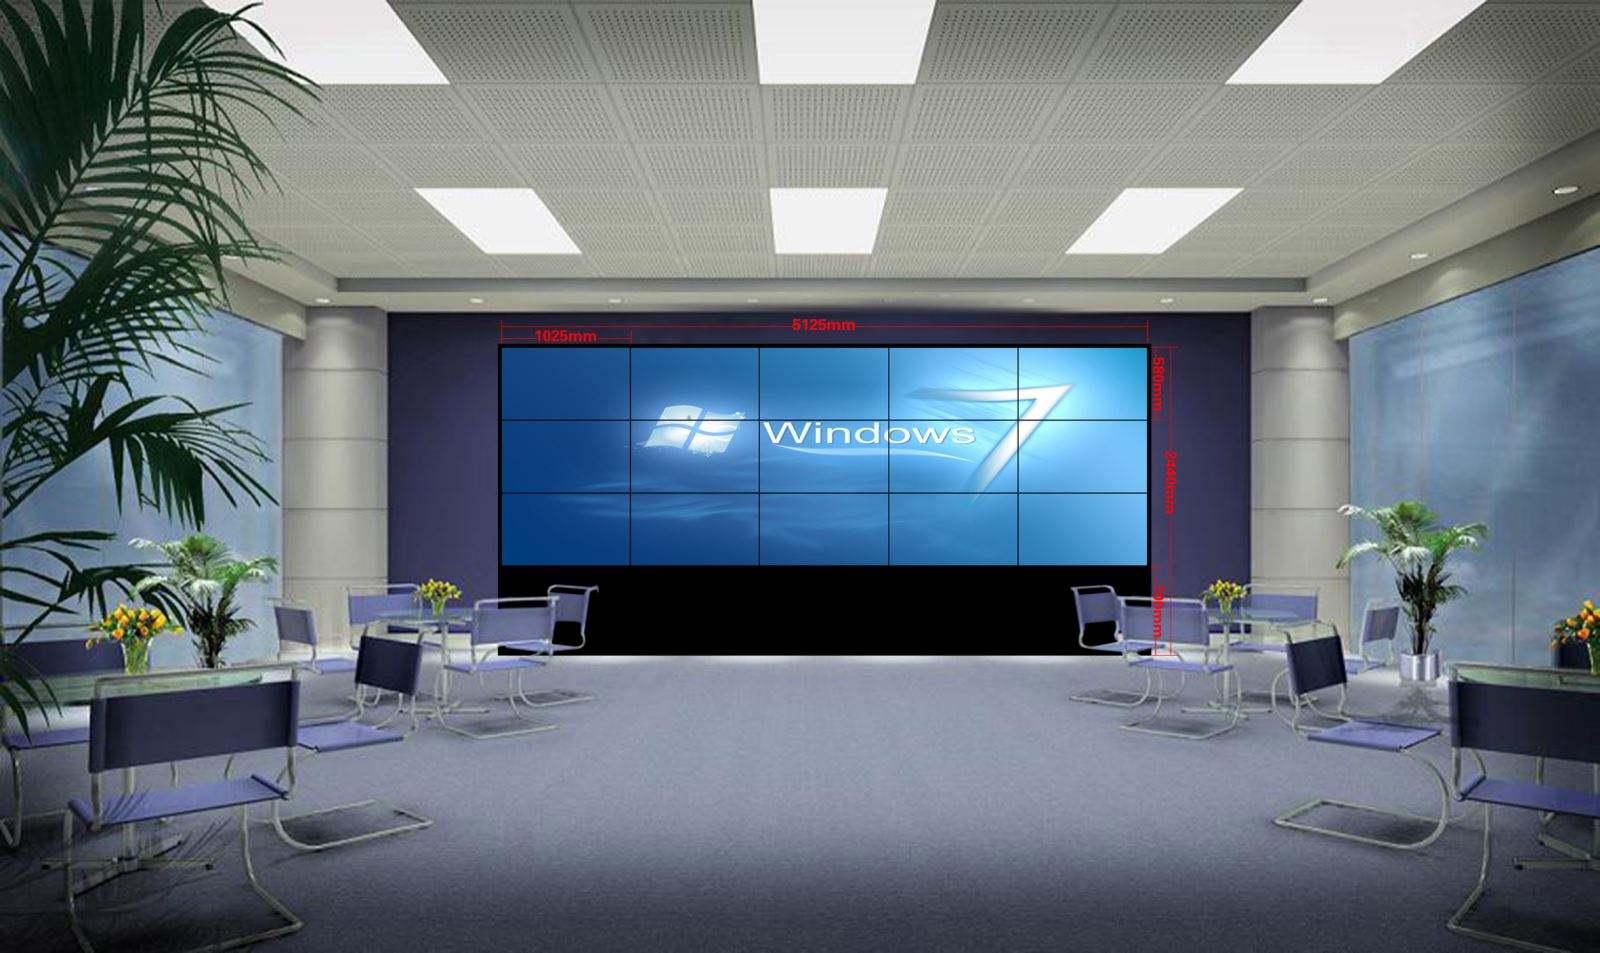 液晶拼接屏能当电视用吗?液晶电视拼接处理器